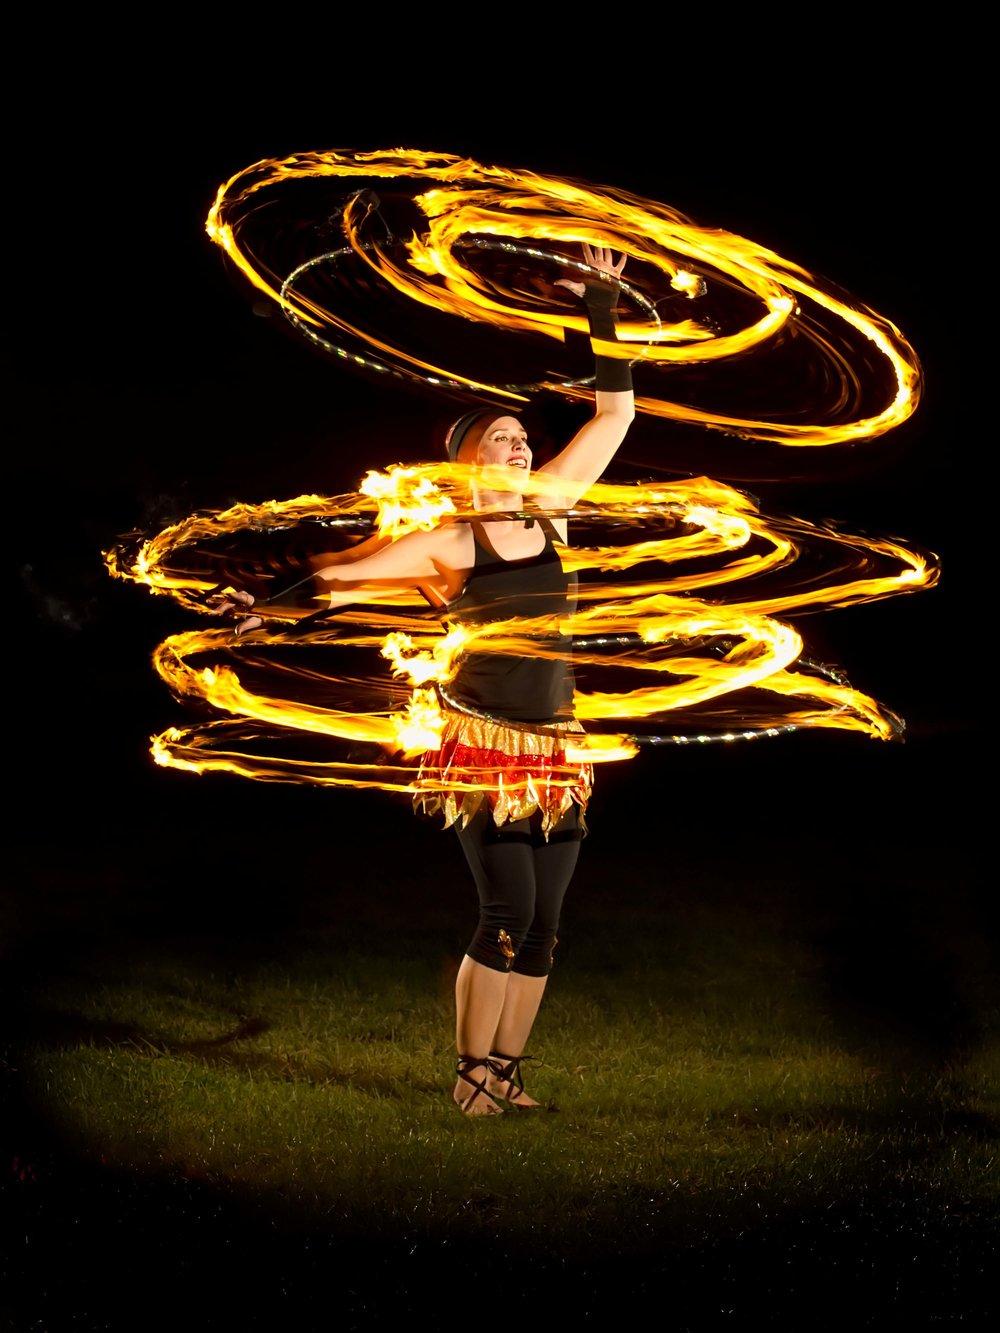 Kat Collett-3-Fire-Hoops (1).jpg